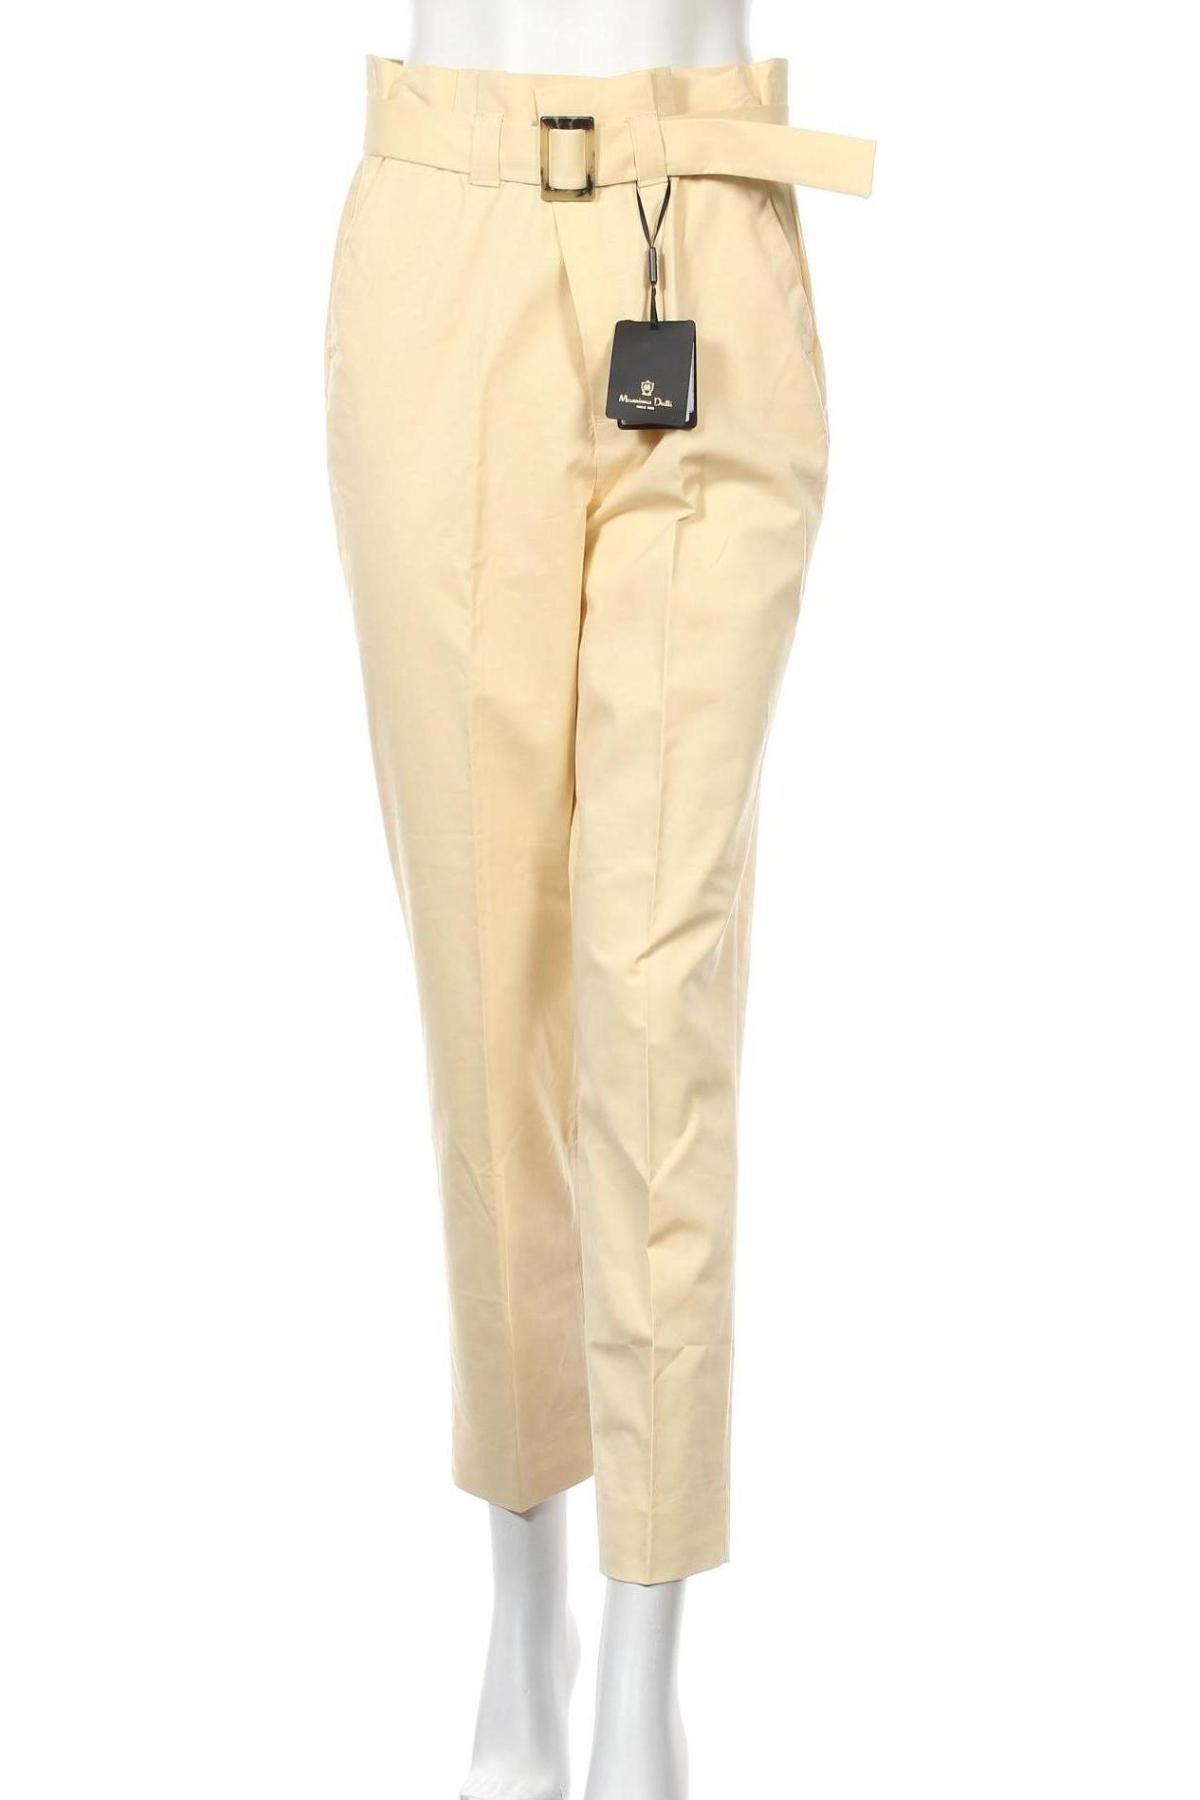 Γυναικείο παντελόνι Massimo Dutti, Μέγεθος M, Χρώμα Κίτρινο, 54% βαμβάκι, 43% βισκόζη, 3% ελαστάνη, Τιμή 31,31€